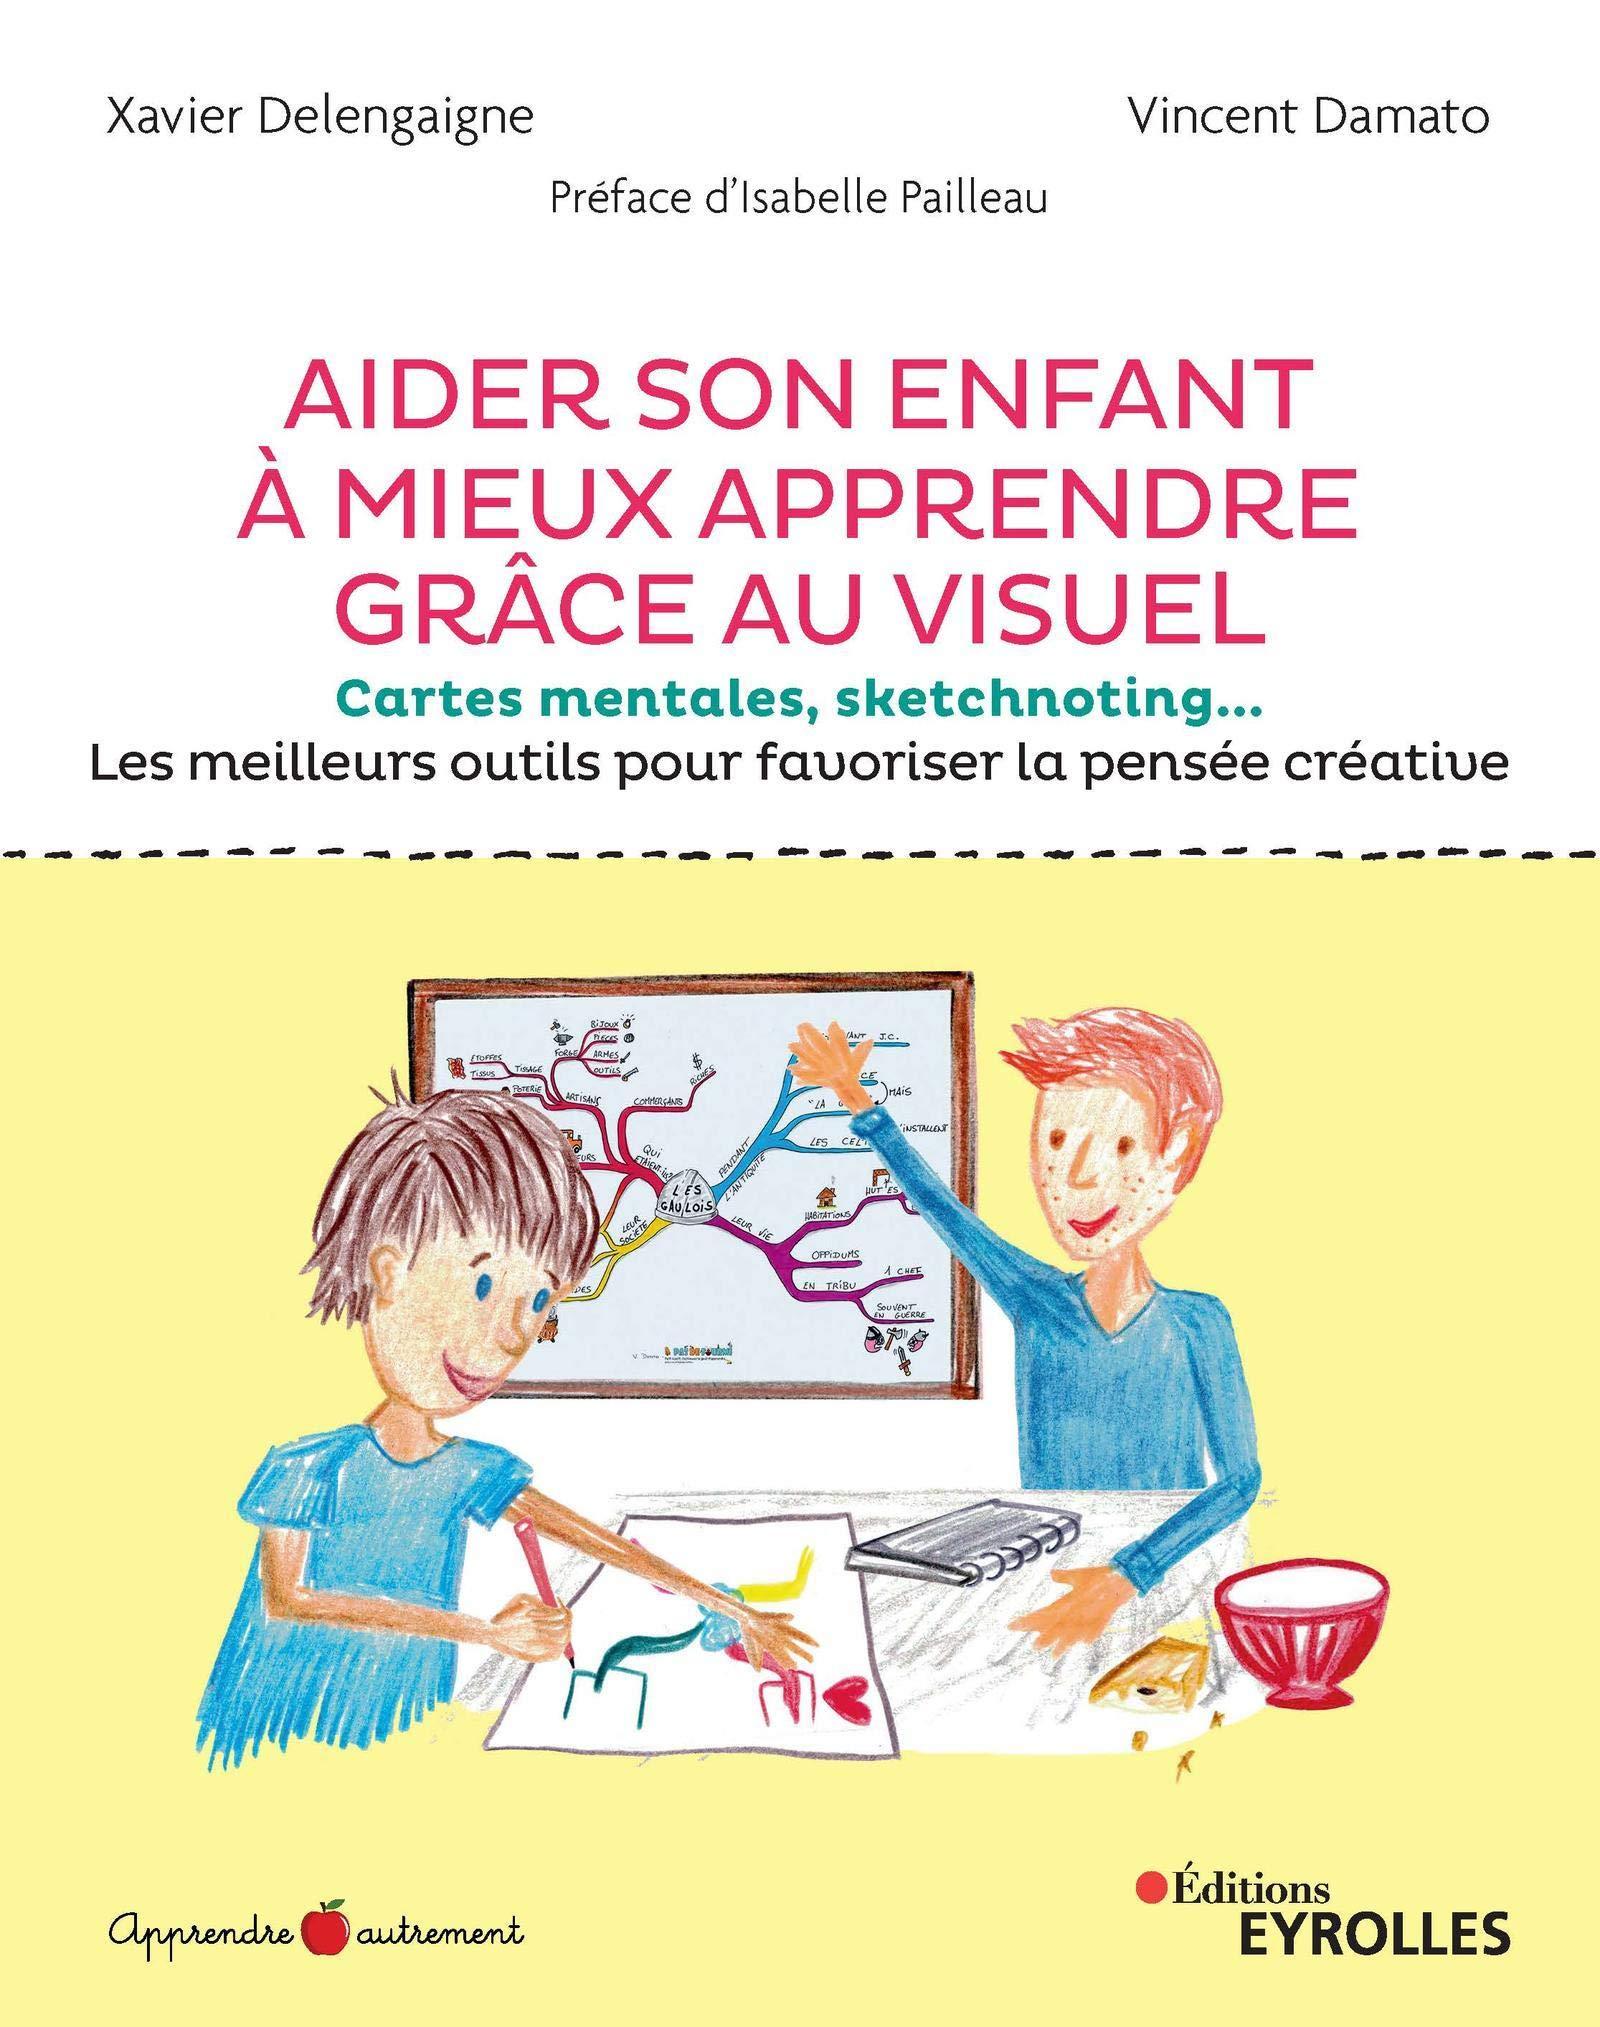 Aider son enfant à mieux apprendre grâce au visuel: Cartes mentales, sketchnoting... Les meilleurs outils pour favoriser la pensée créative.